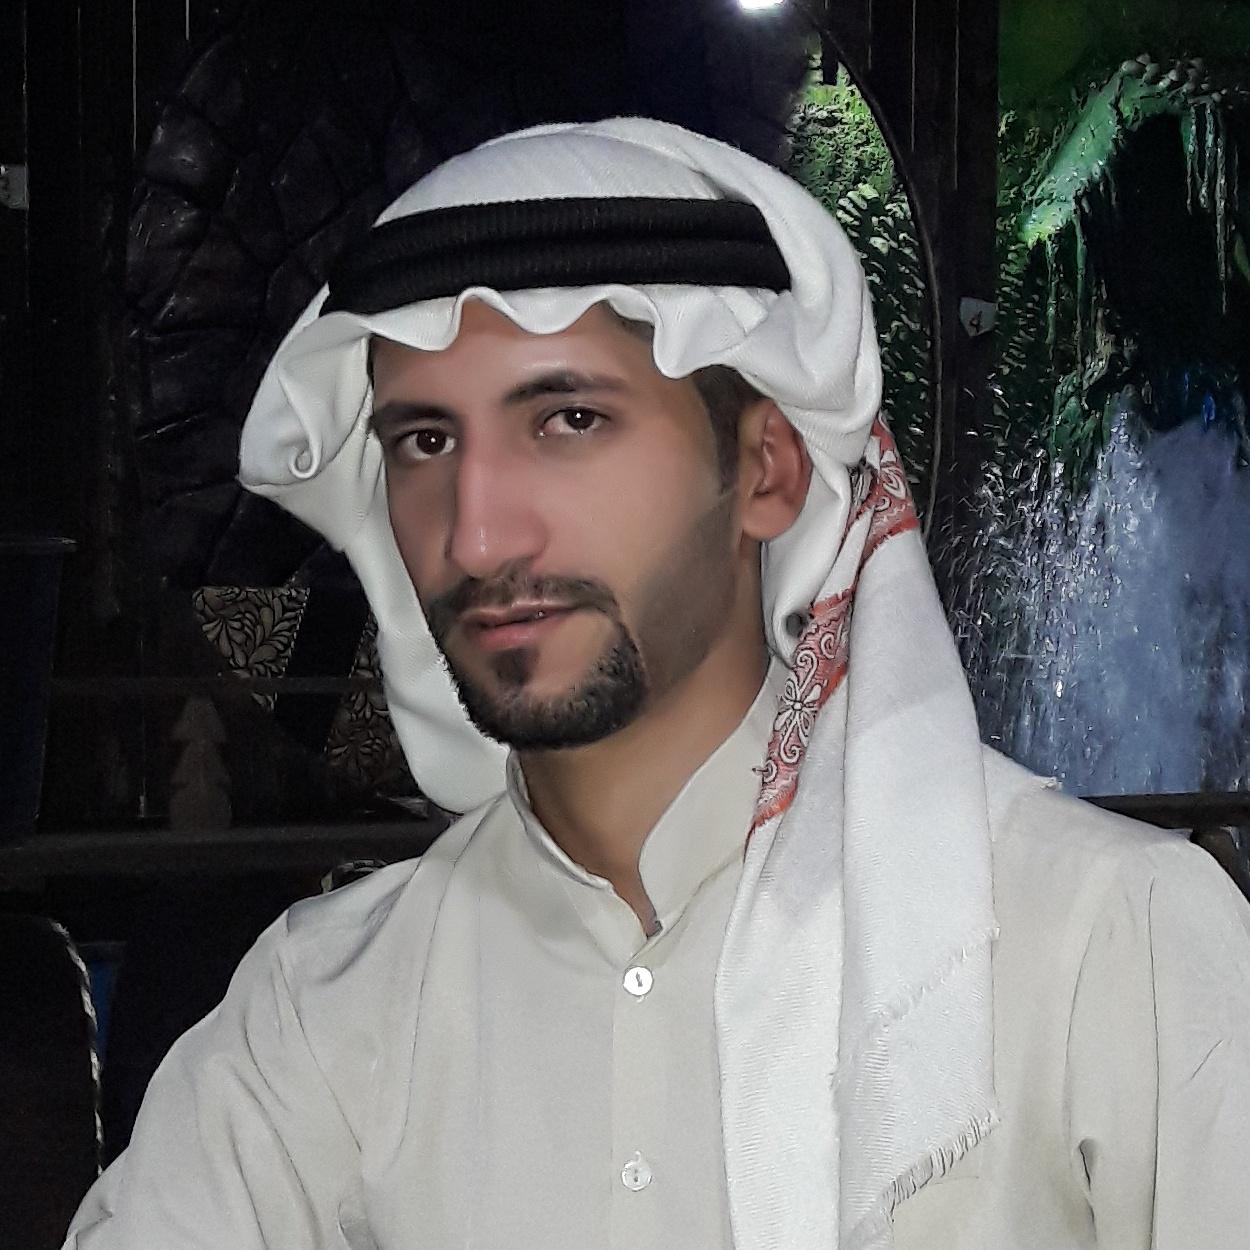 قناة الشاعر الاحوازي مصطفى جمال الهليچي